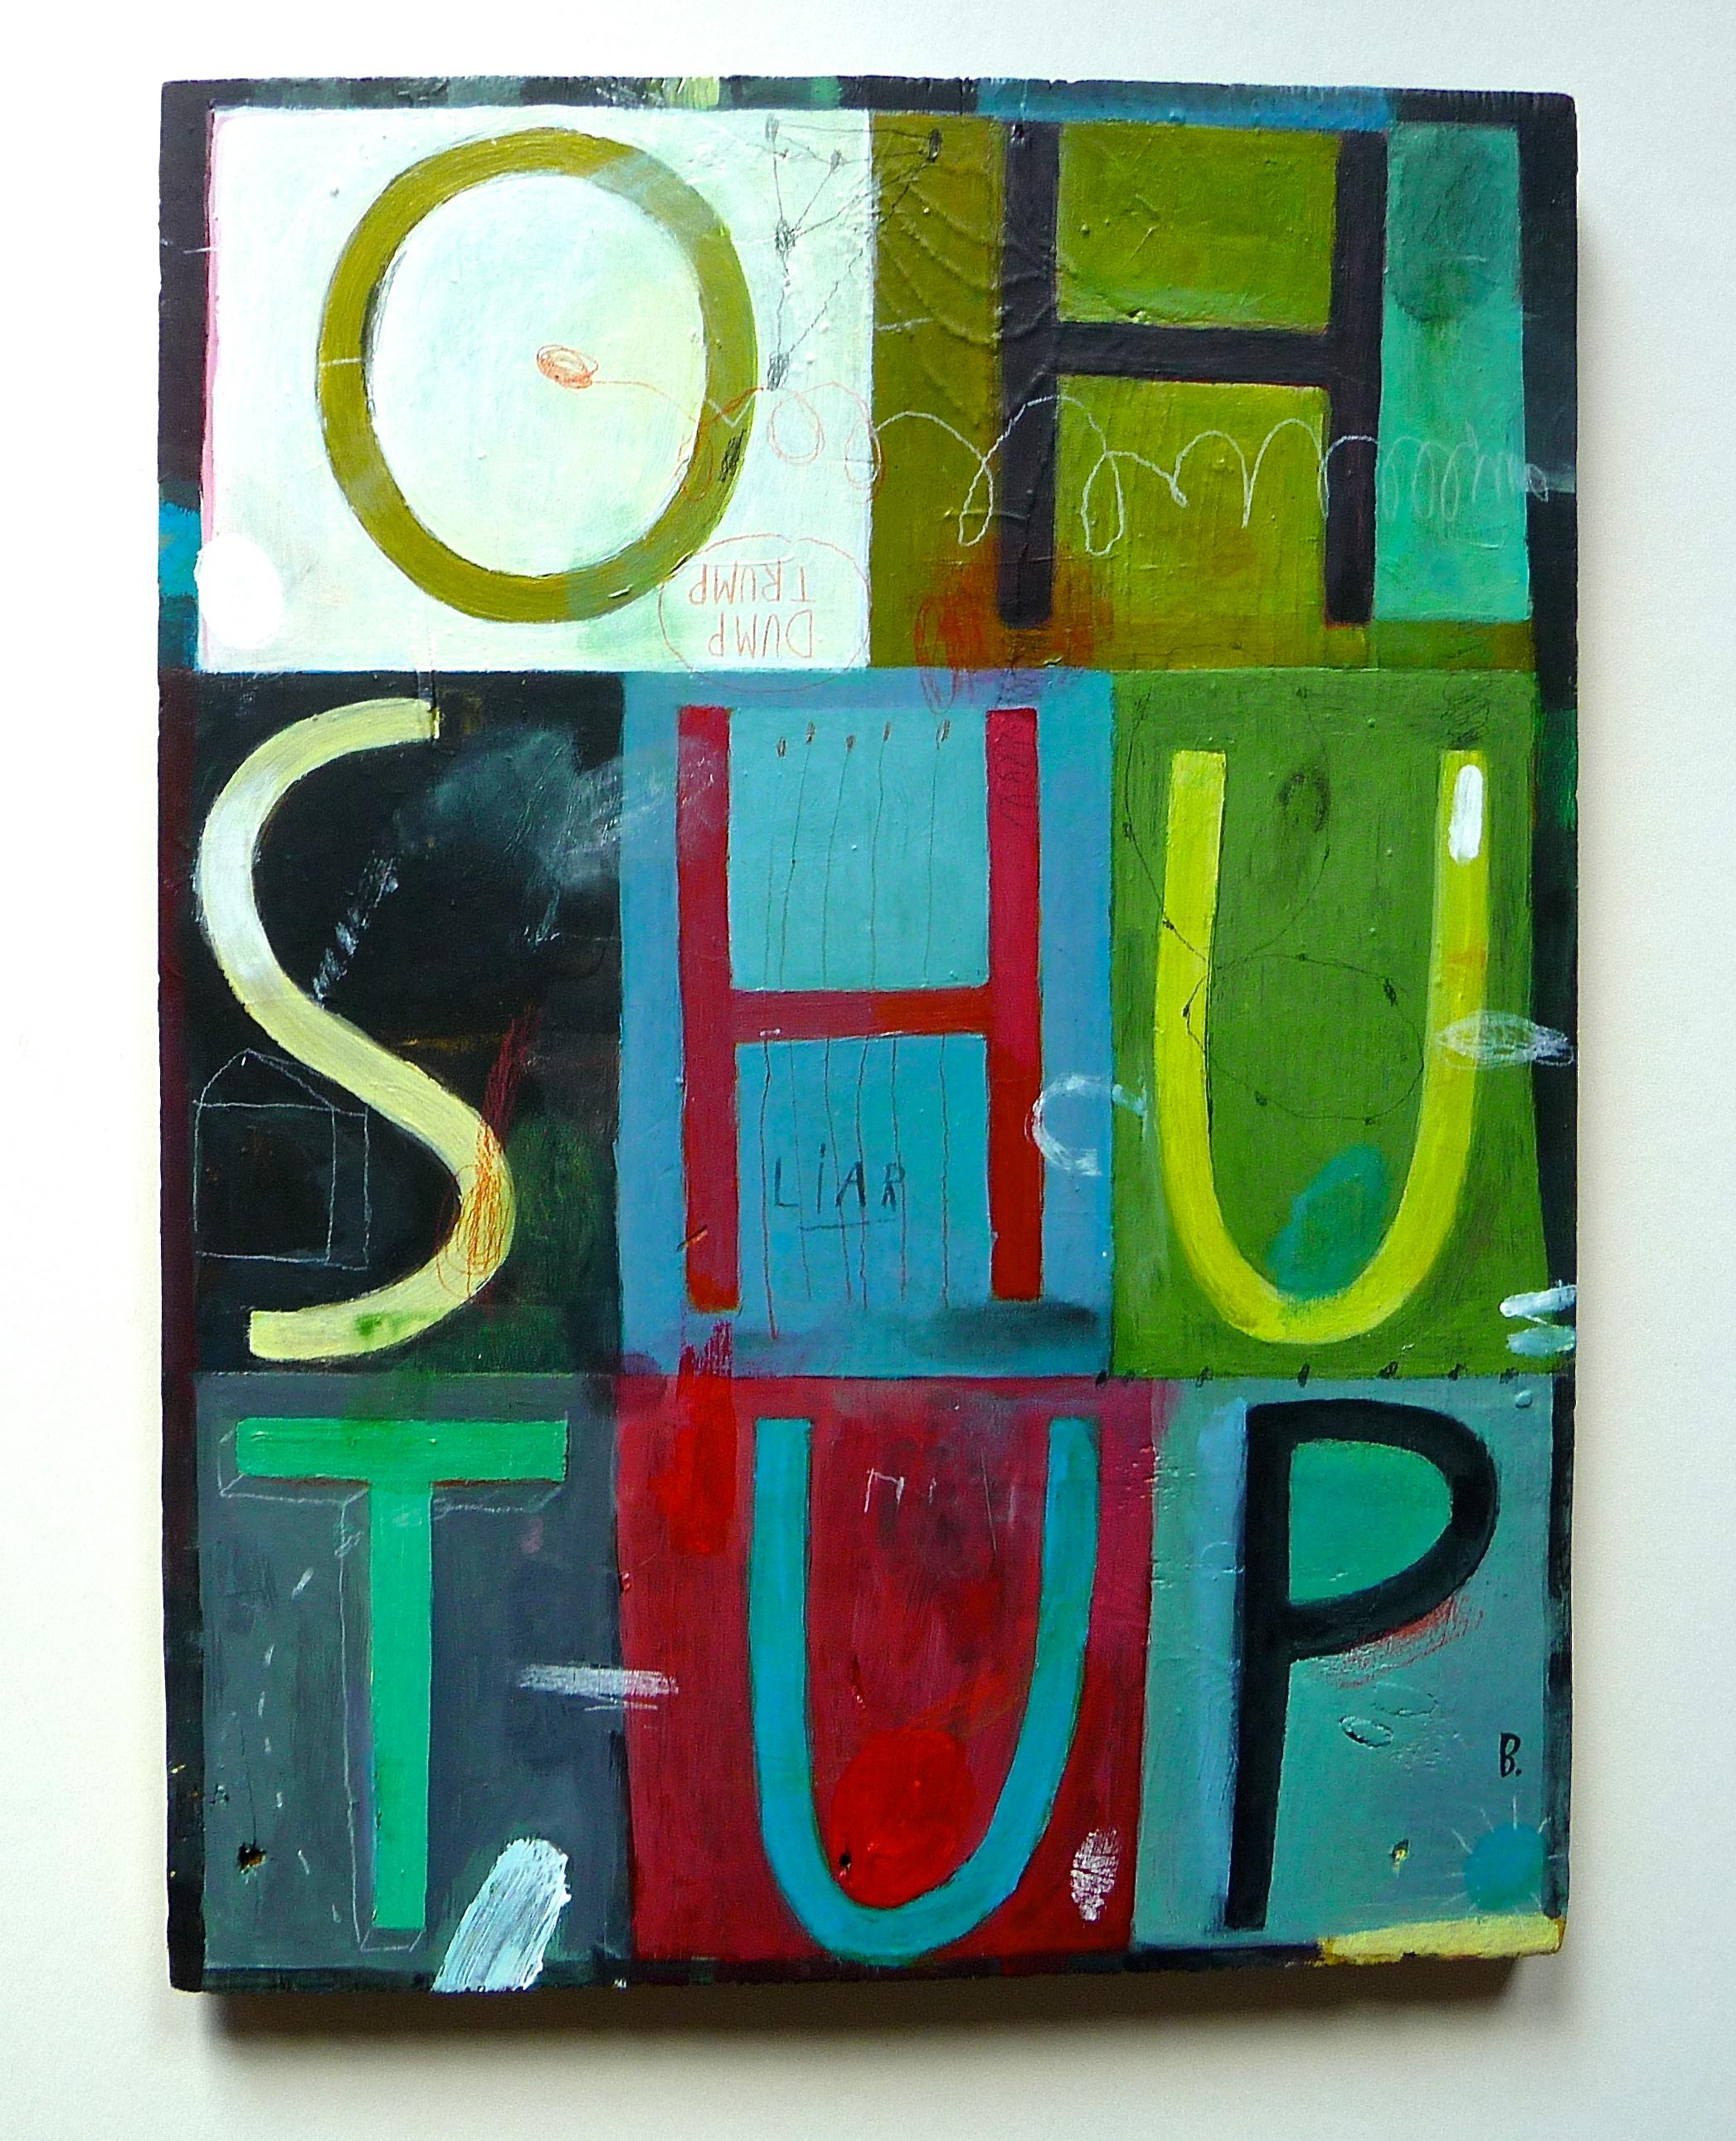 OH SHUT-UP  15 x 12  $495